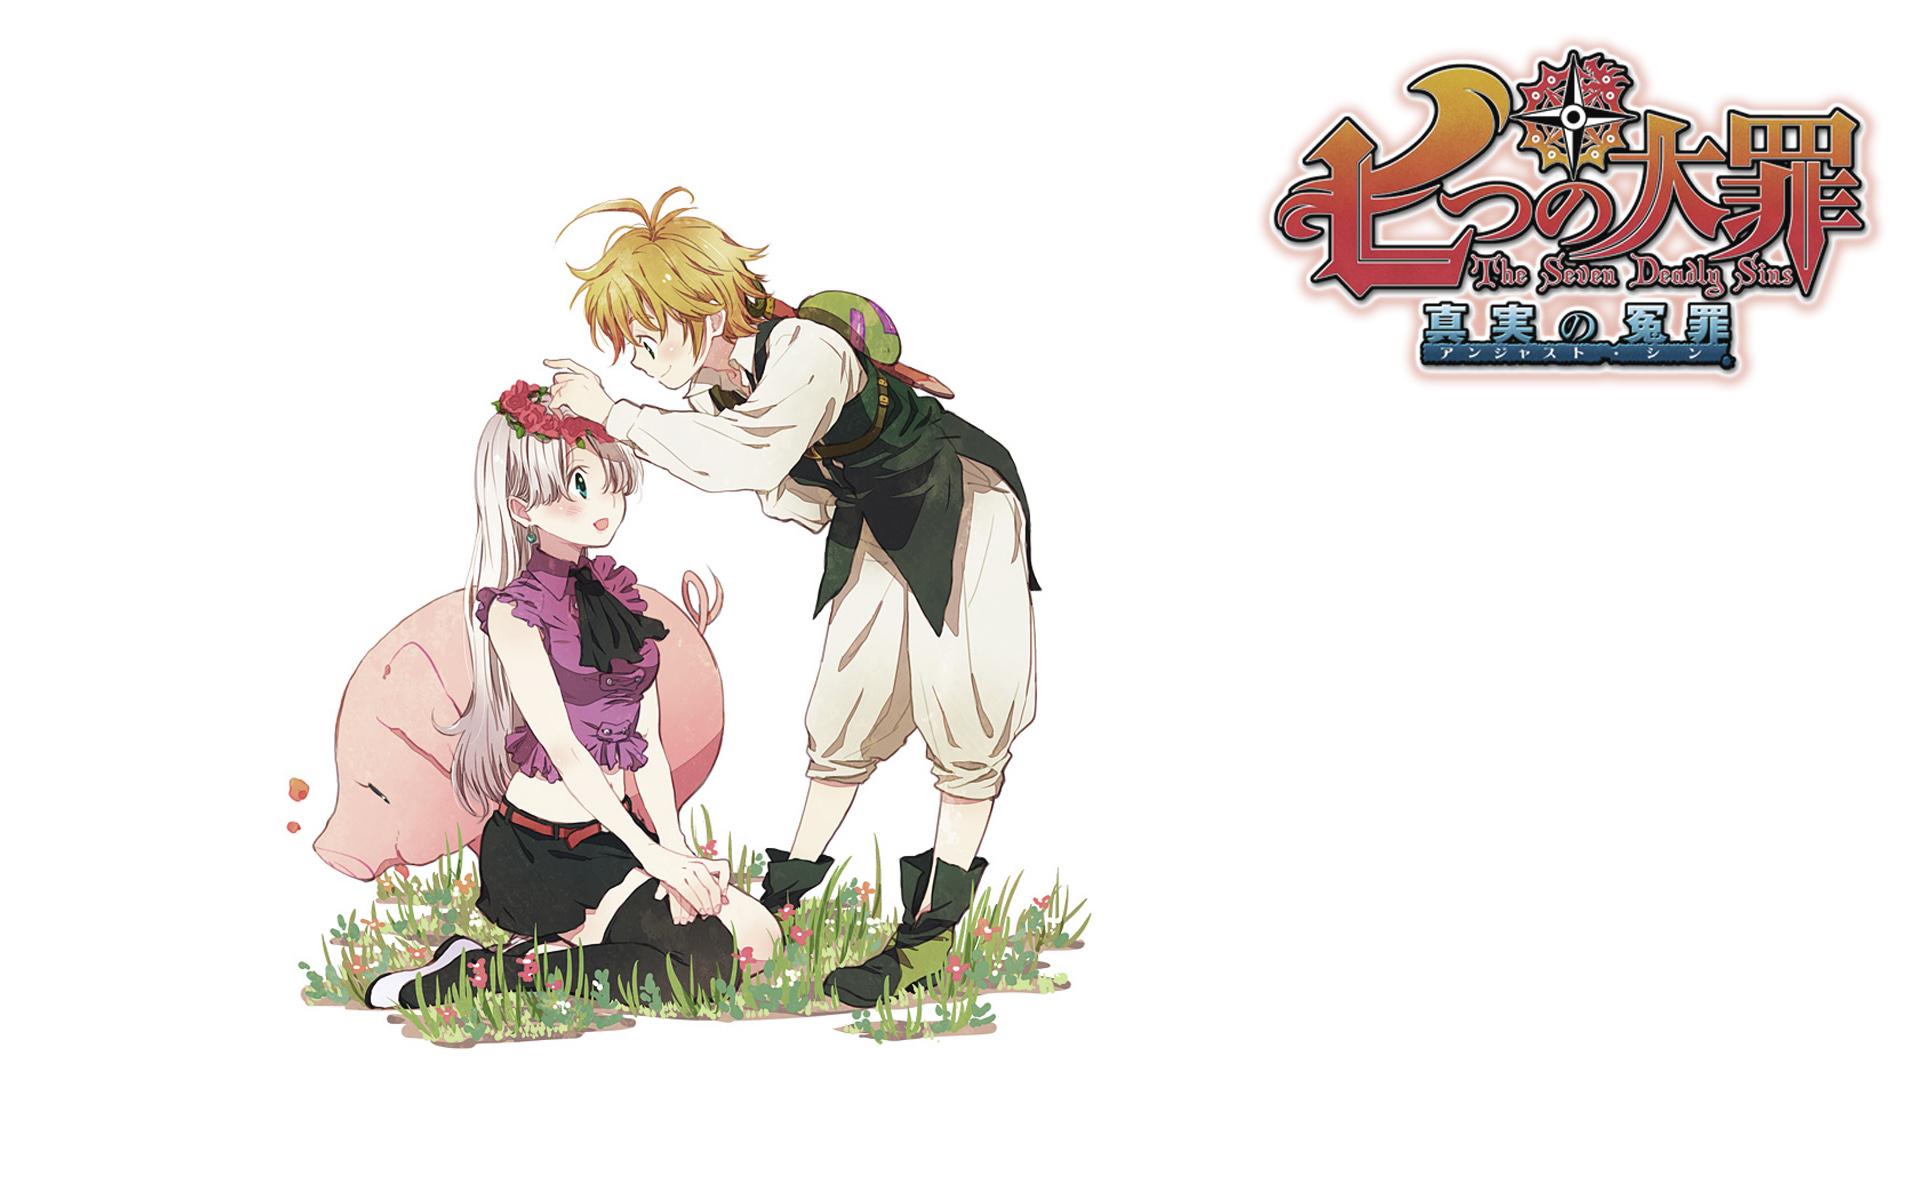 Nanatsu no Taizai akaThe Seven Deadly Sins   Wallpapers   Anime Desu 1920x1200